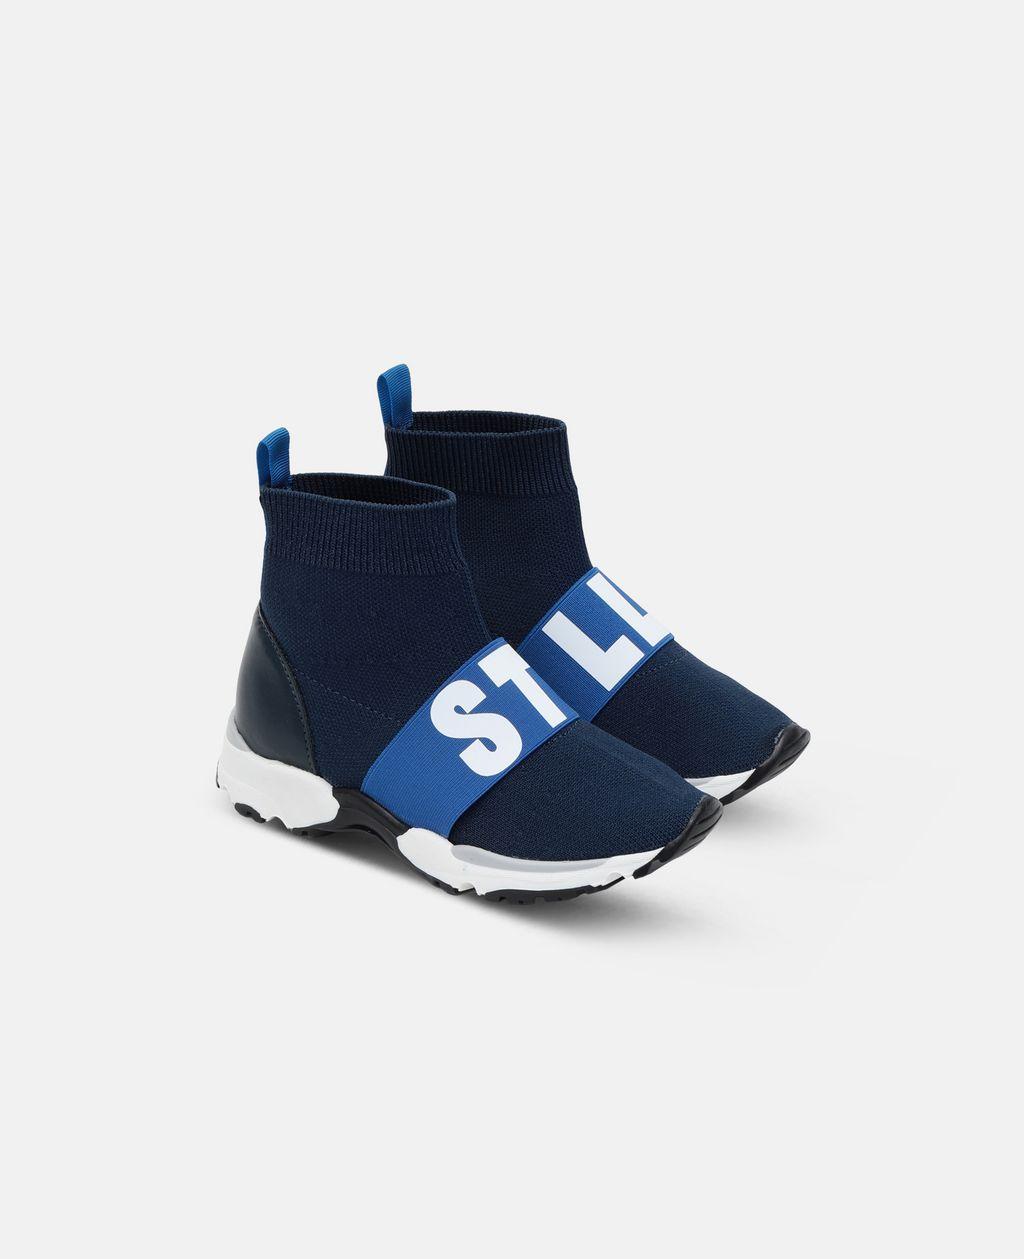 Stella McCartney - Blue / Navy Sock Sneaker - 4